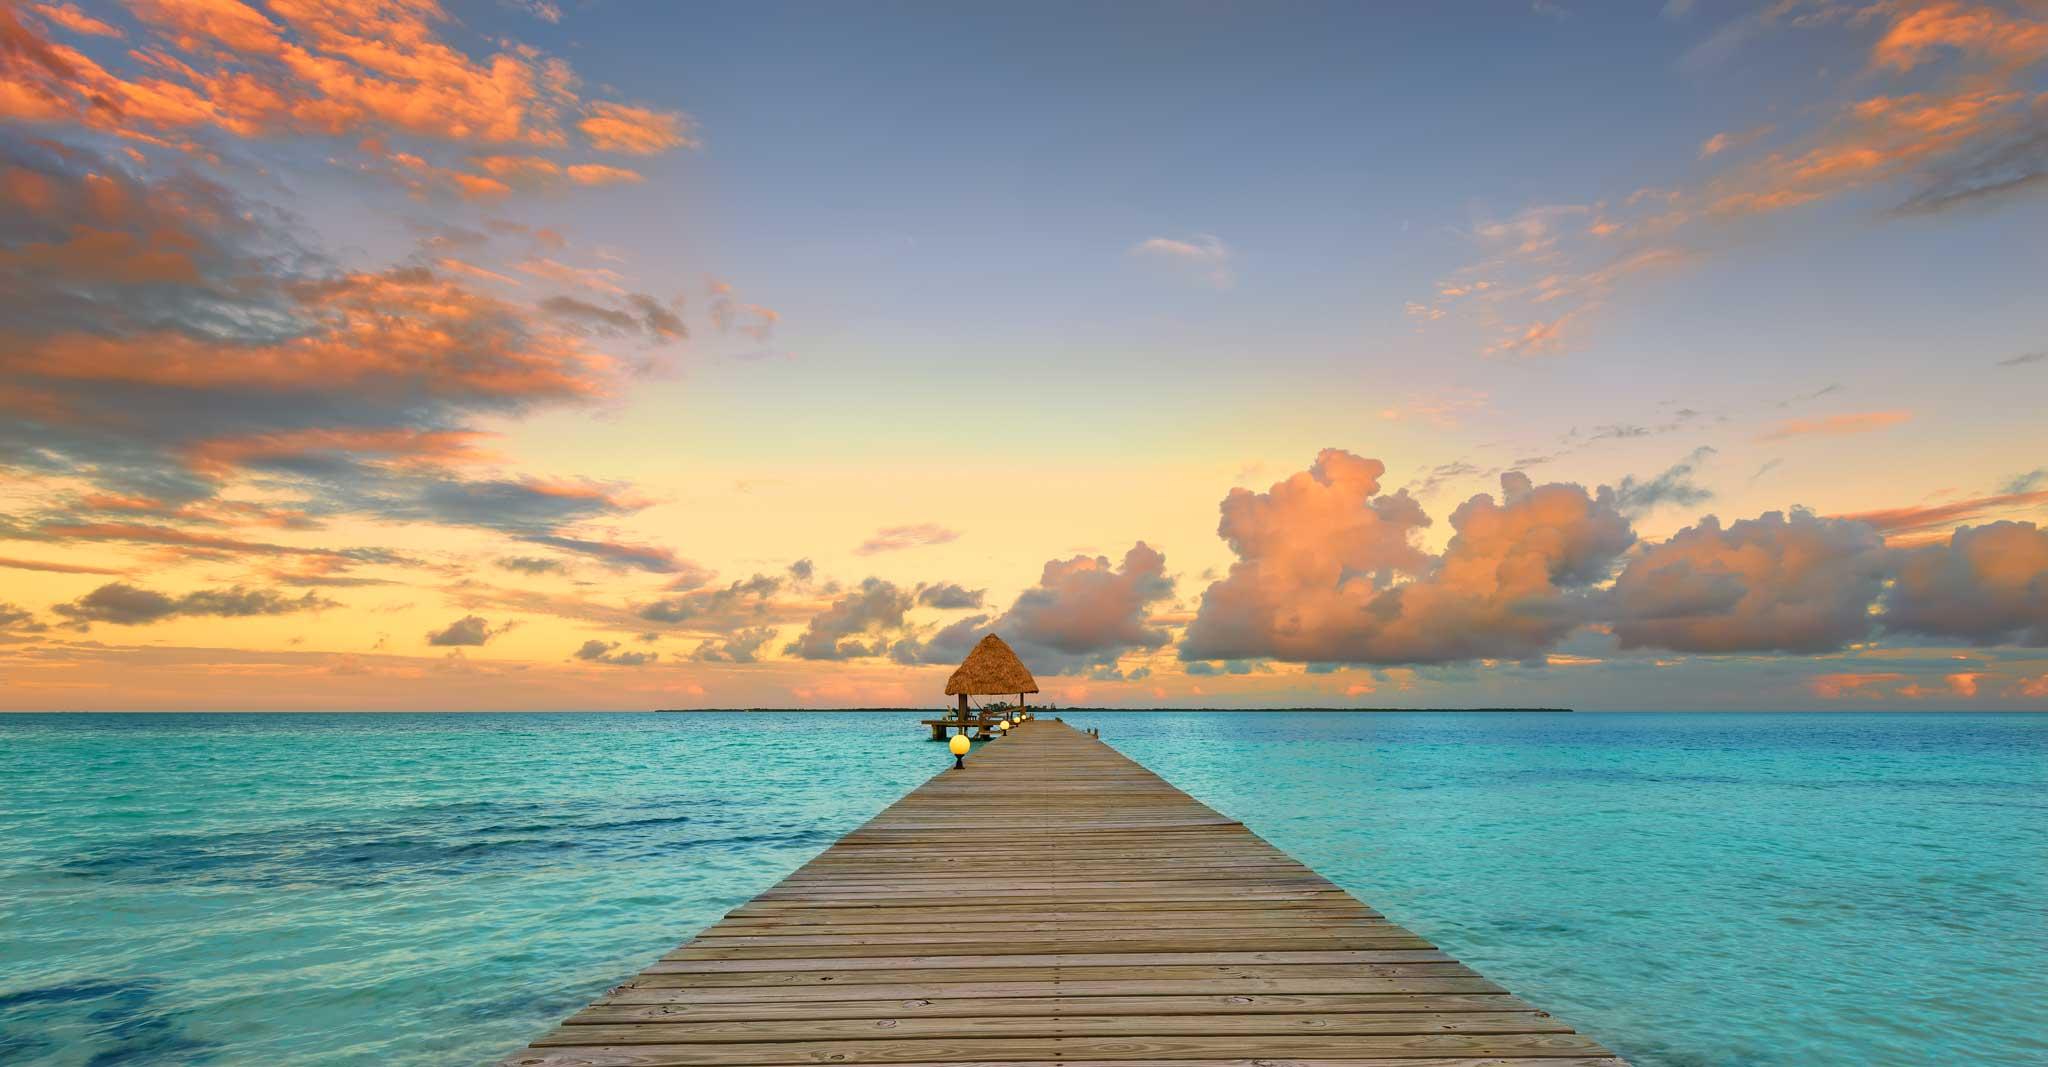 Las llegadas de turistas aumenta en Belize